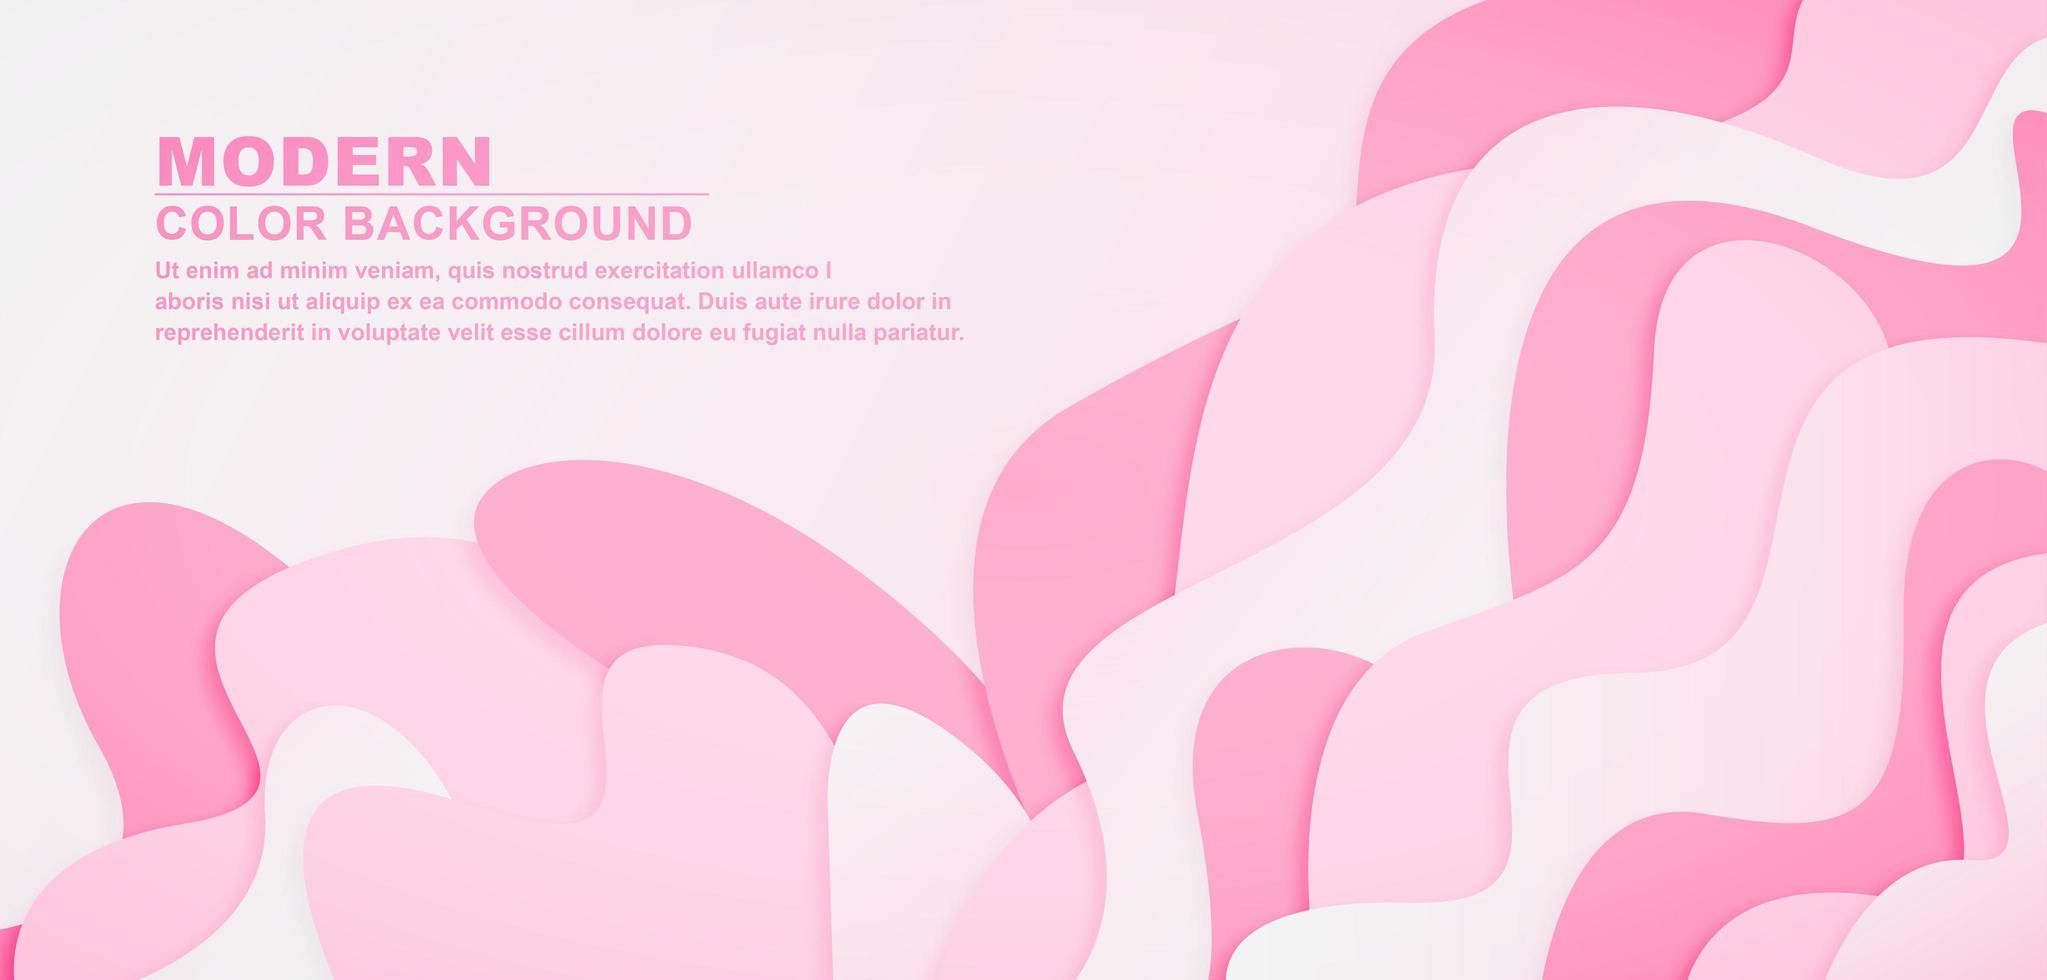 realistischer rosa Wellenhintergrund vektor